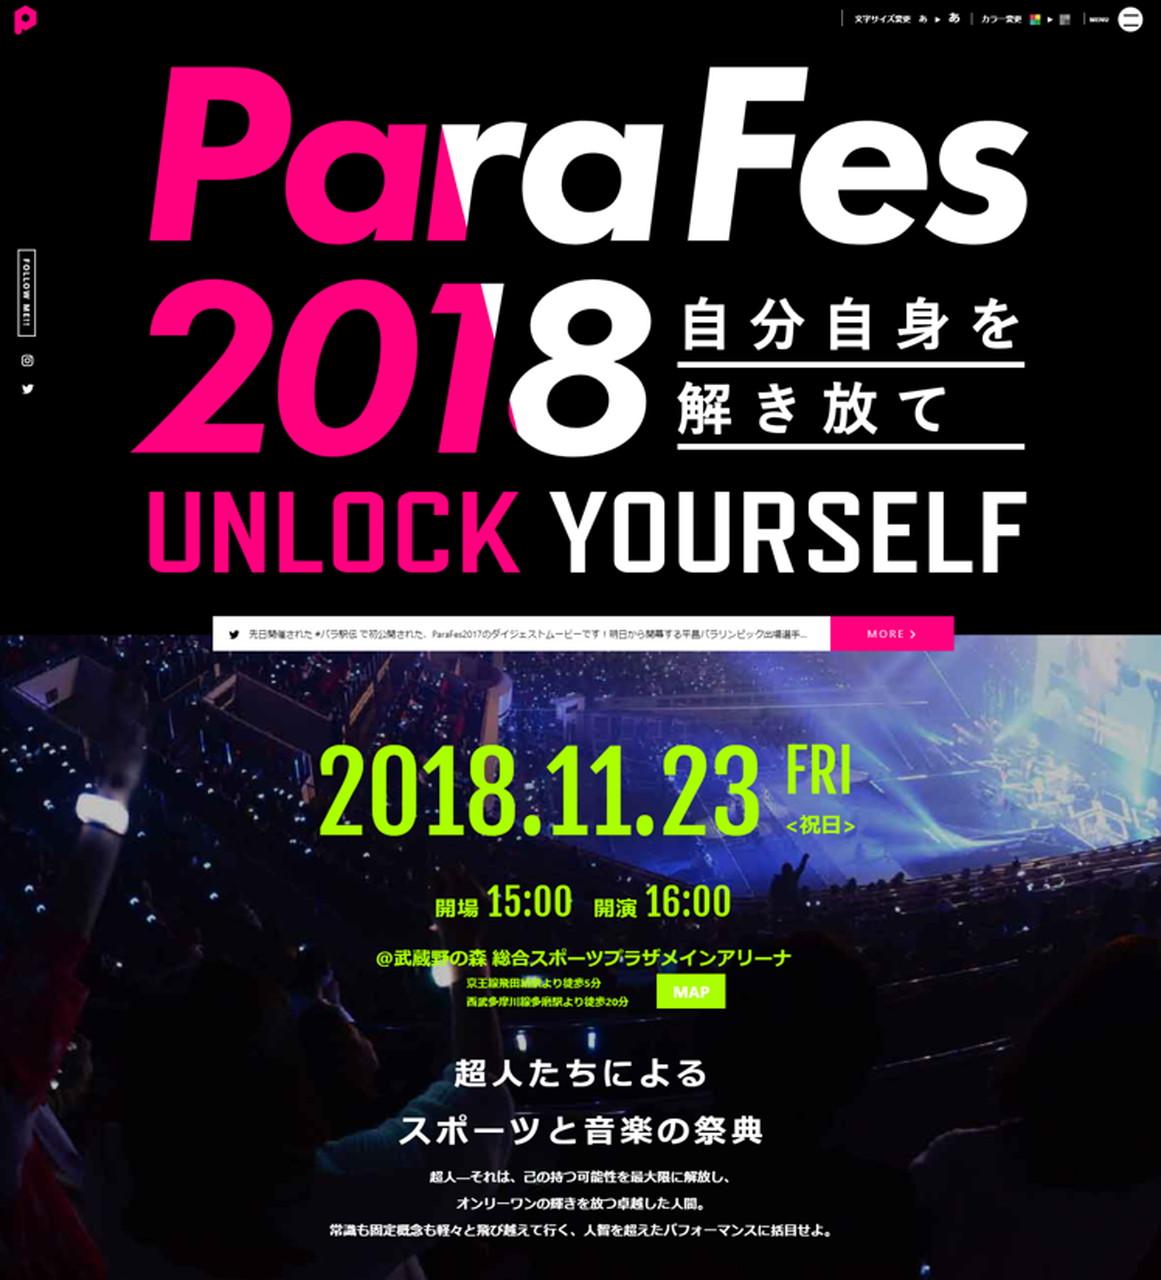 ParaFes 2018